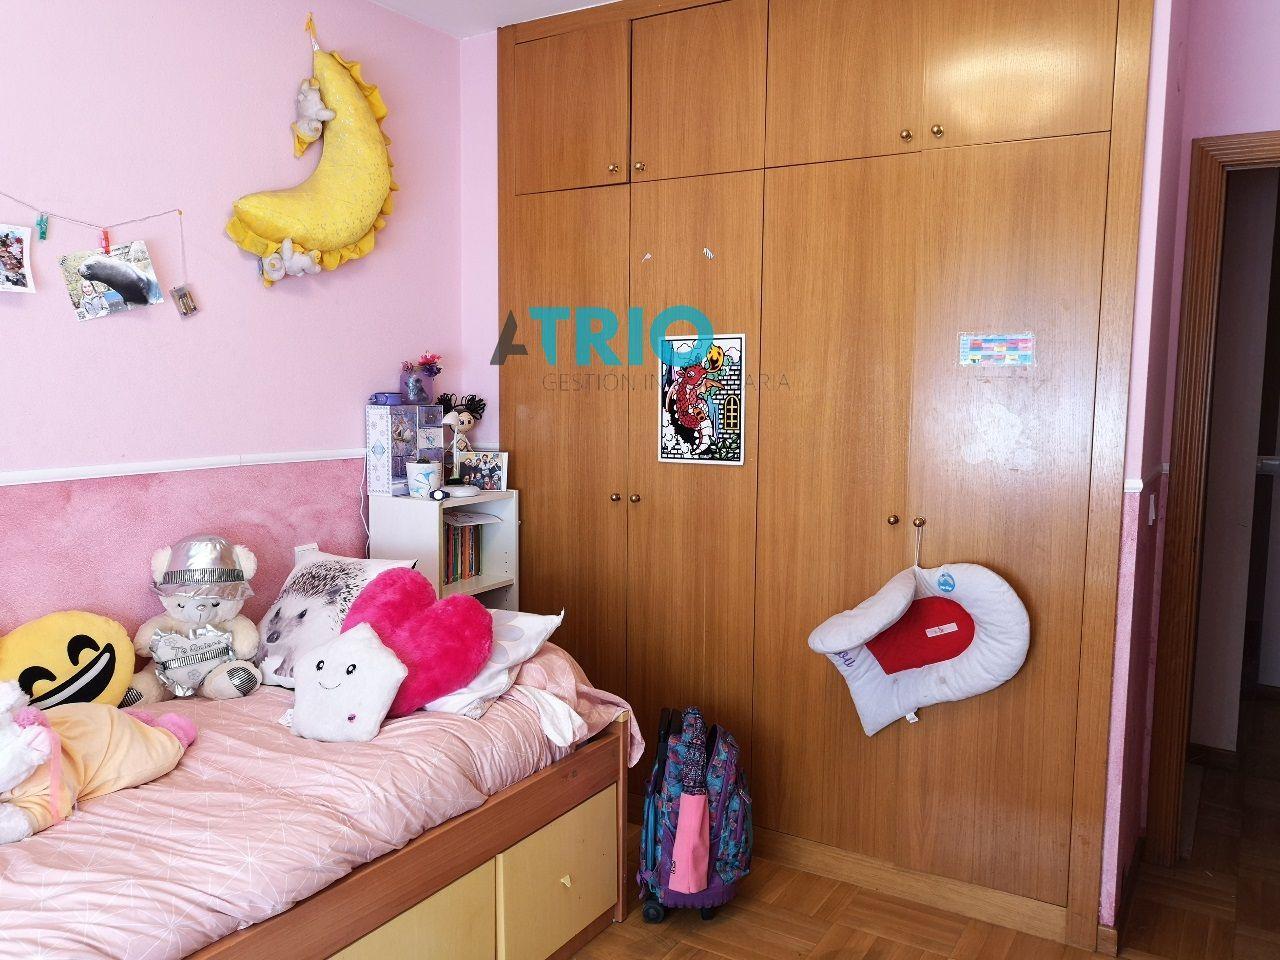 dia.mobiliagestion.es/Portals/inmoatrio/Images/5829/2988584